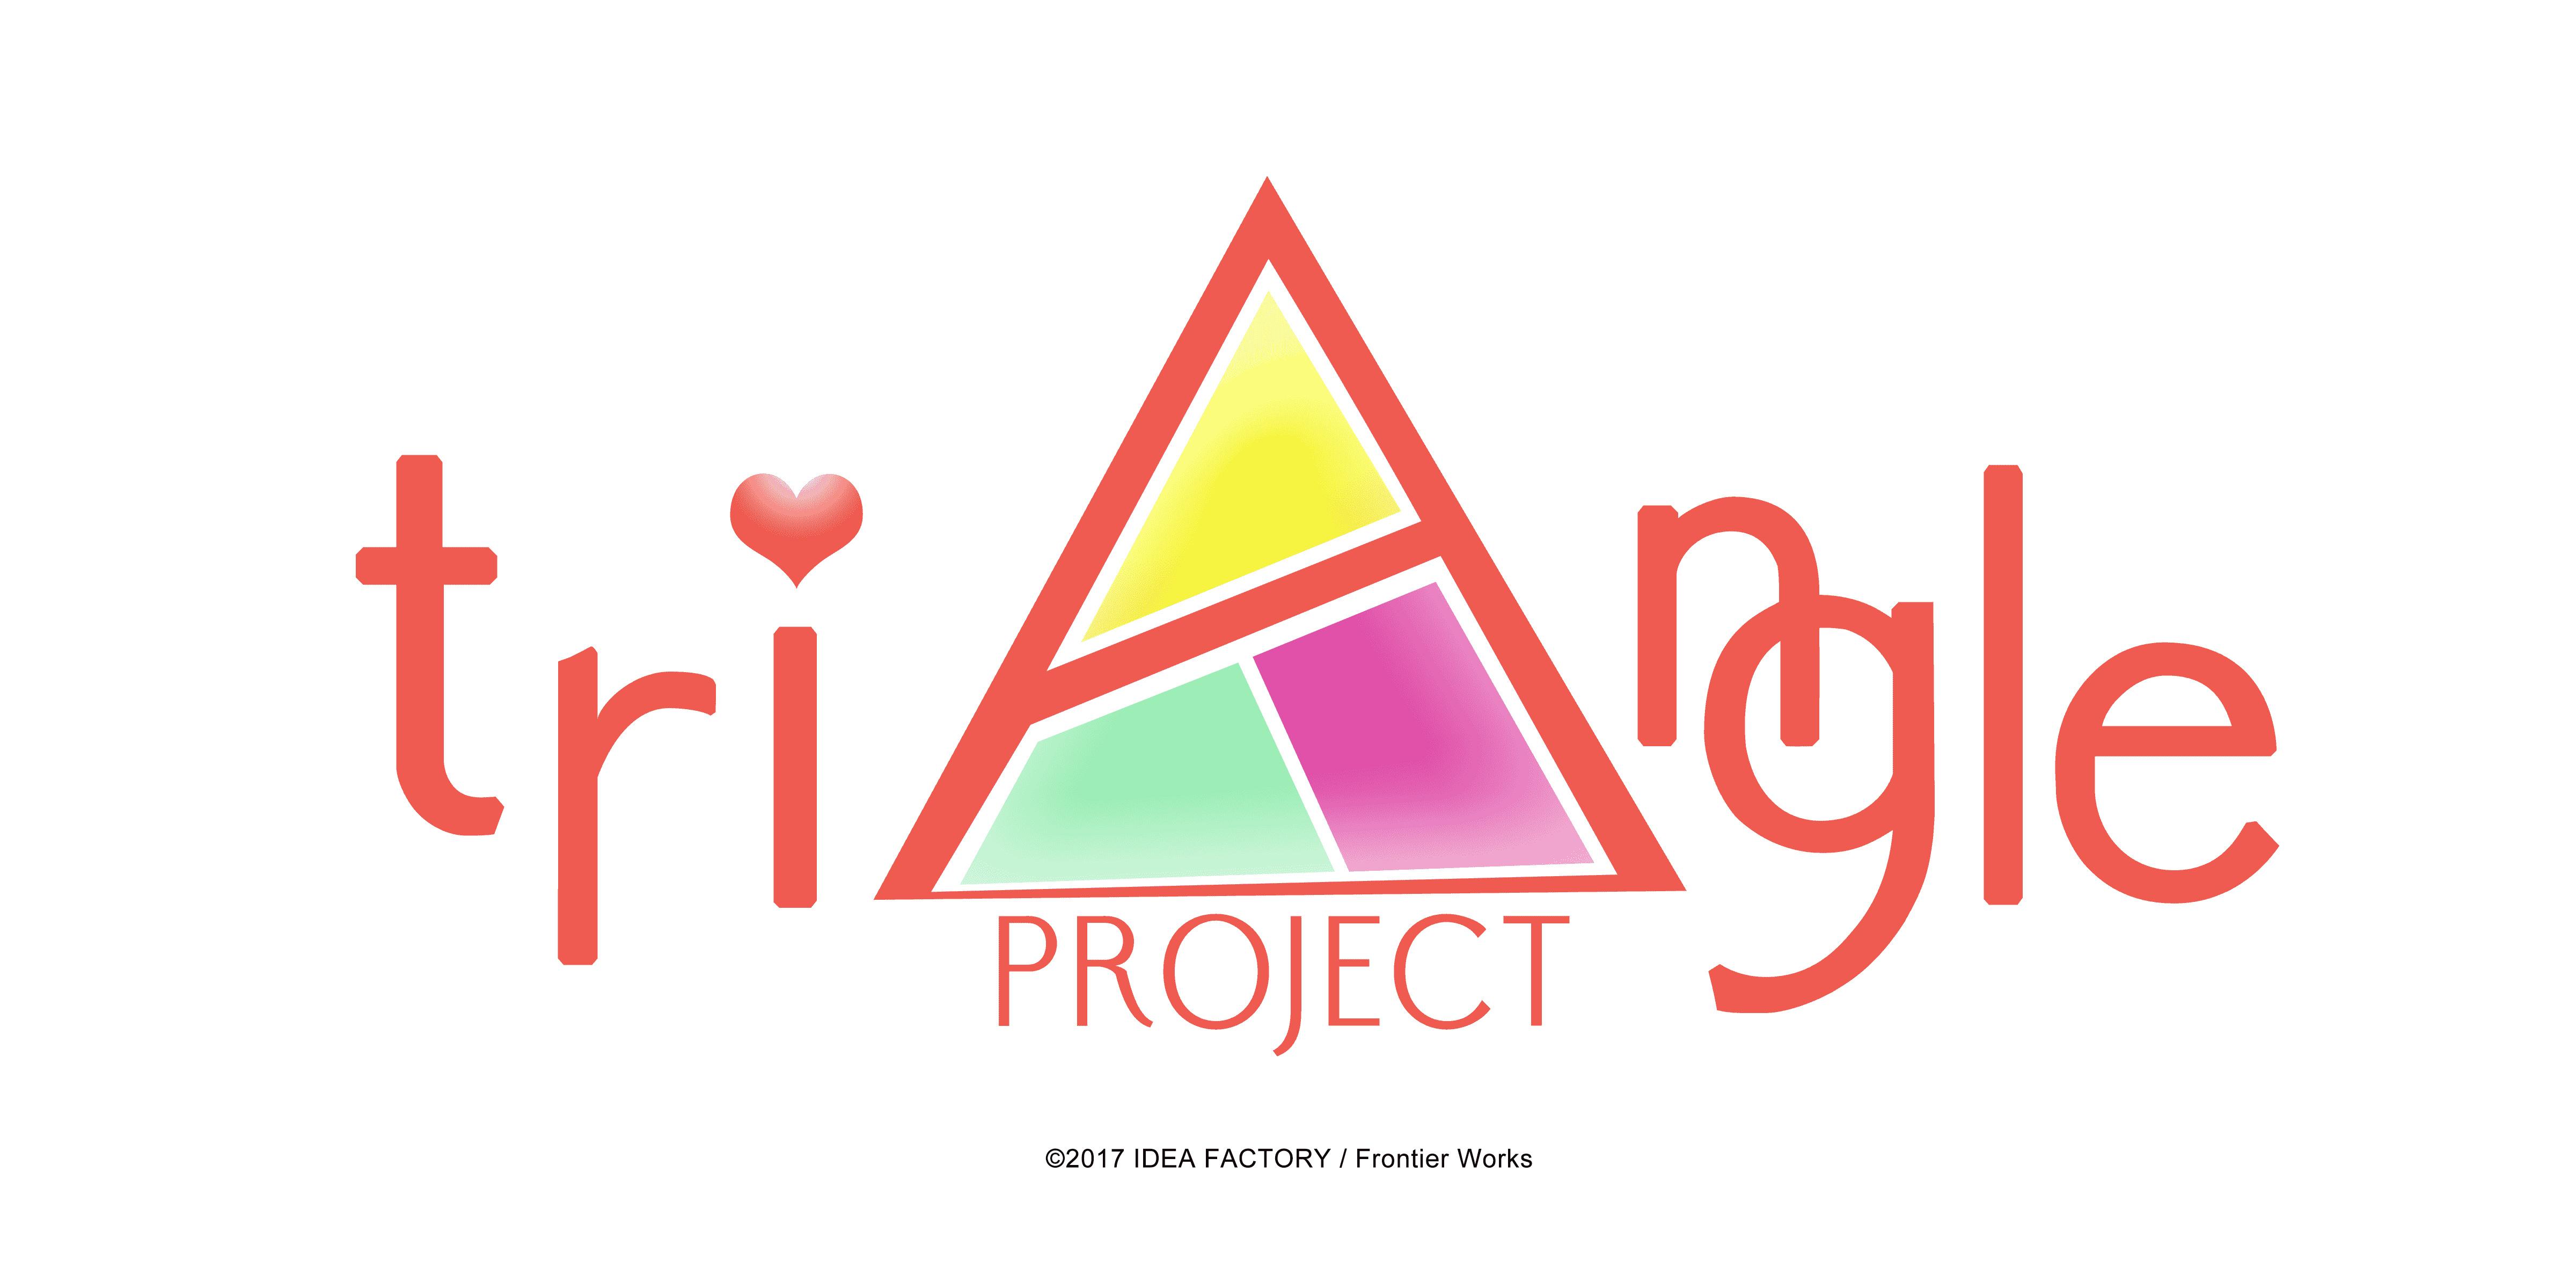 「三角関係」をテーマにしたゲームプロジェクト「triAngle PROJECT」が始動! 第1弾作品は「芸能界×ラブコメ」!